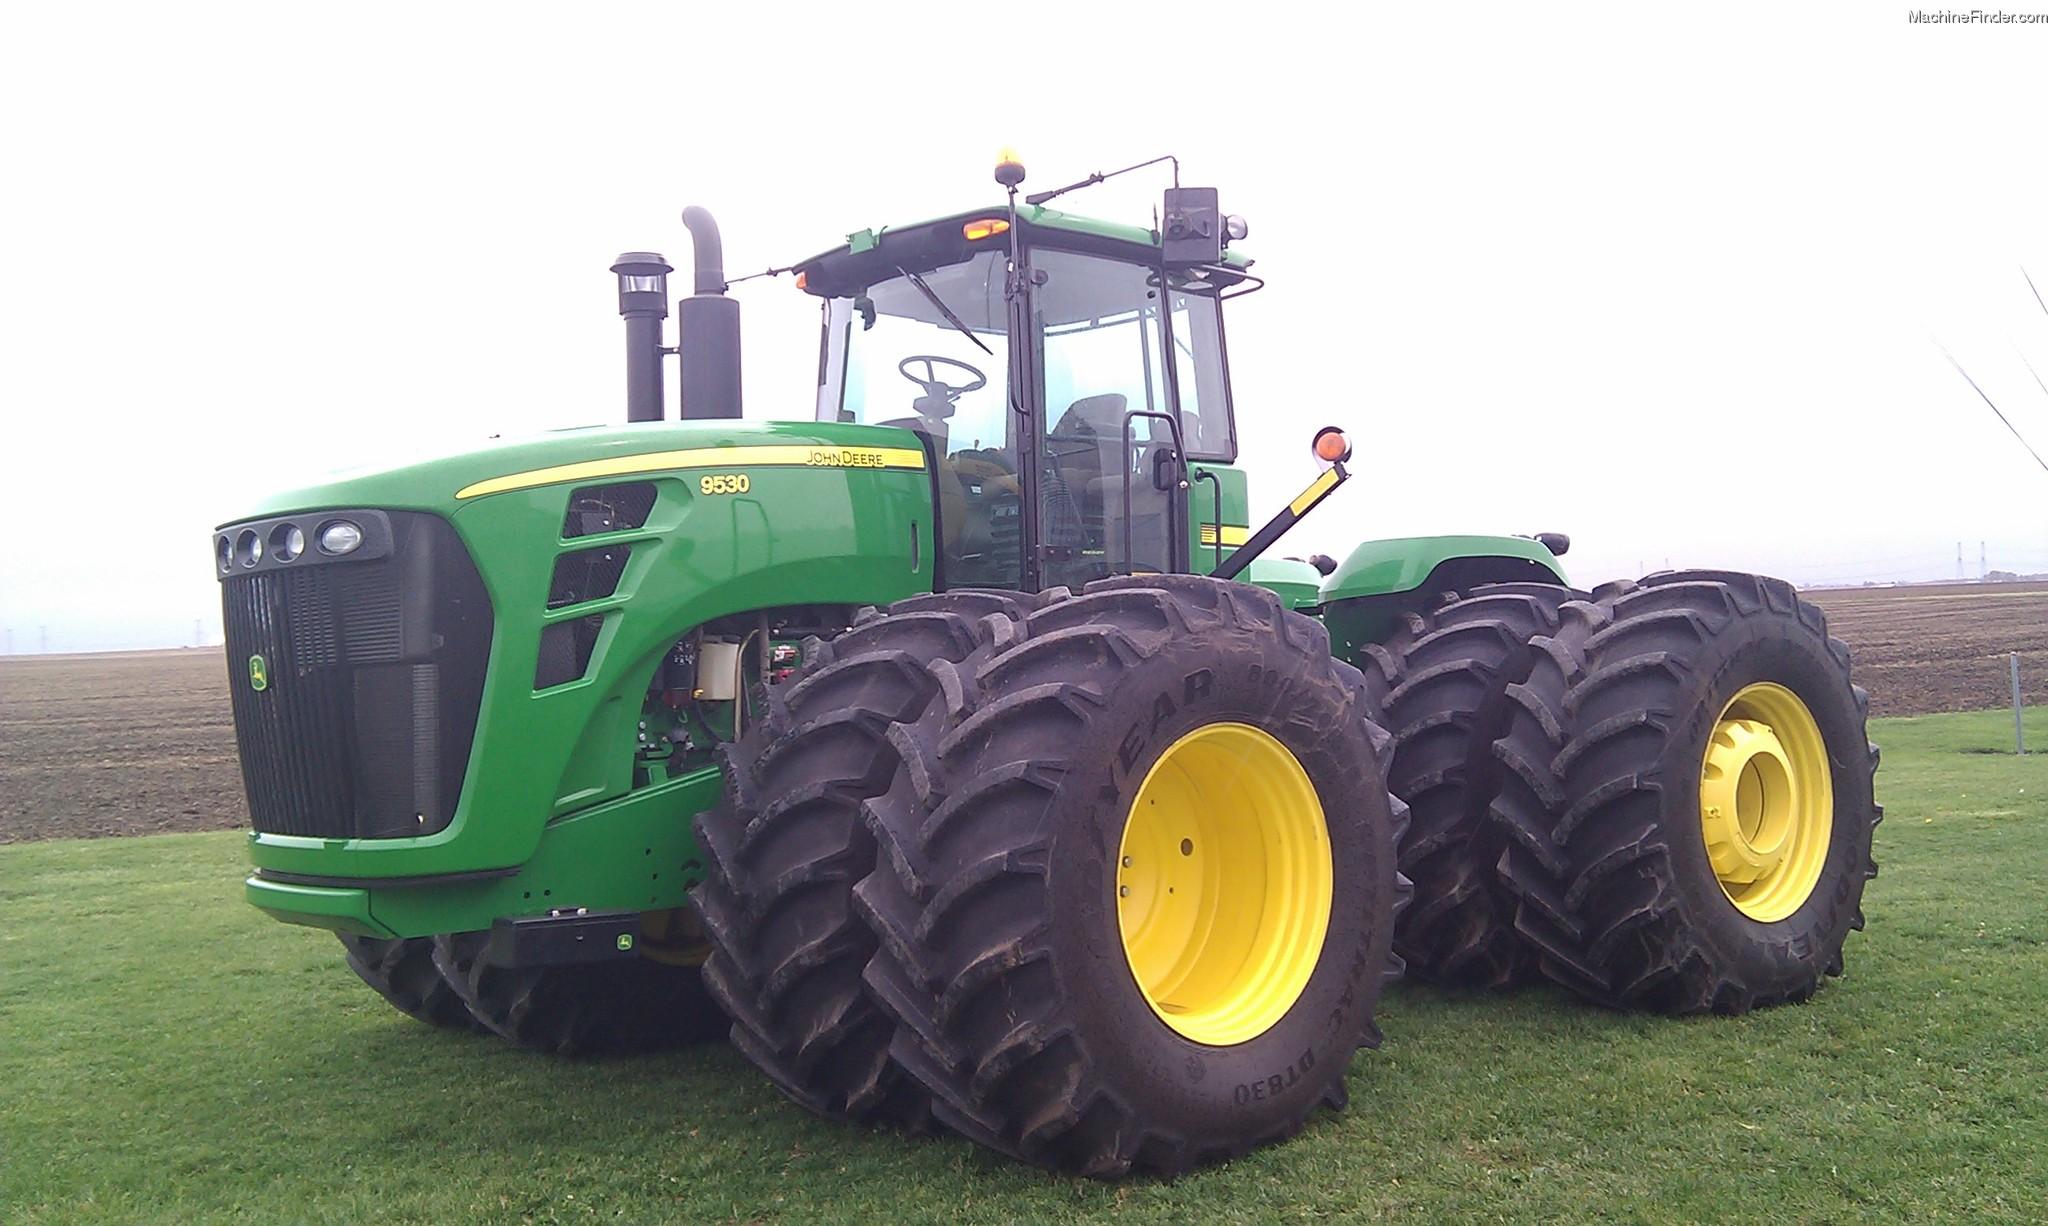 2011 John Deere 9530 Tractors Articulated 4wd John